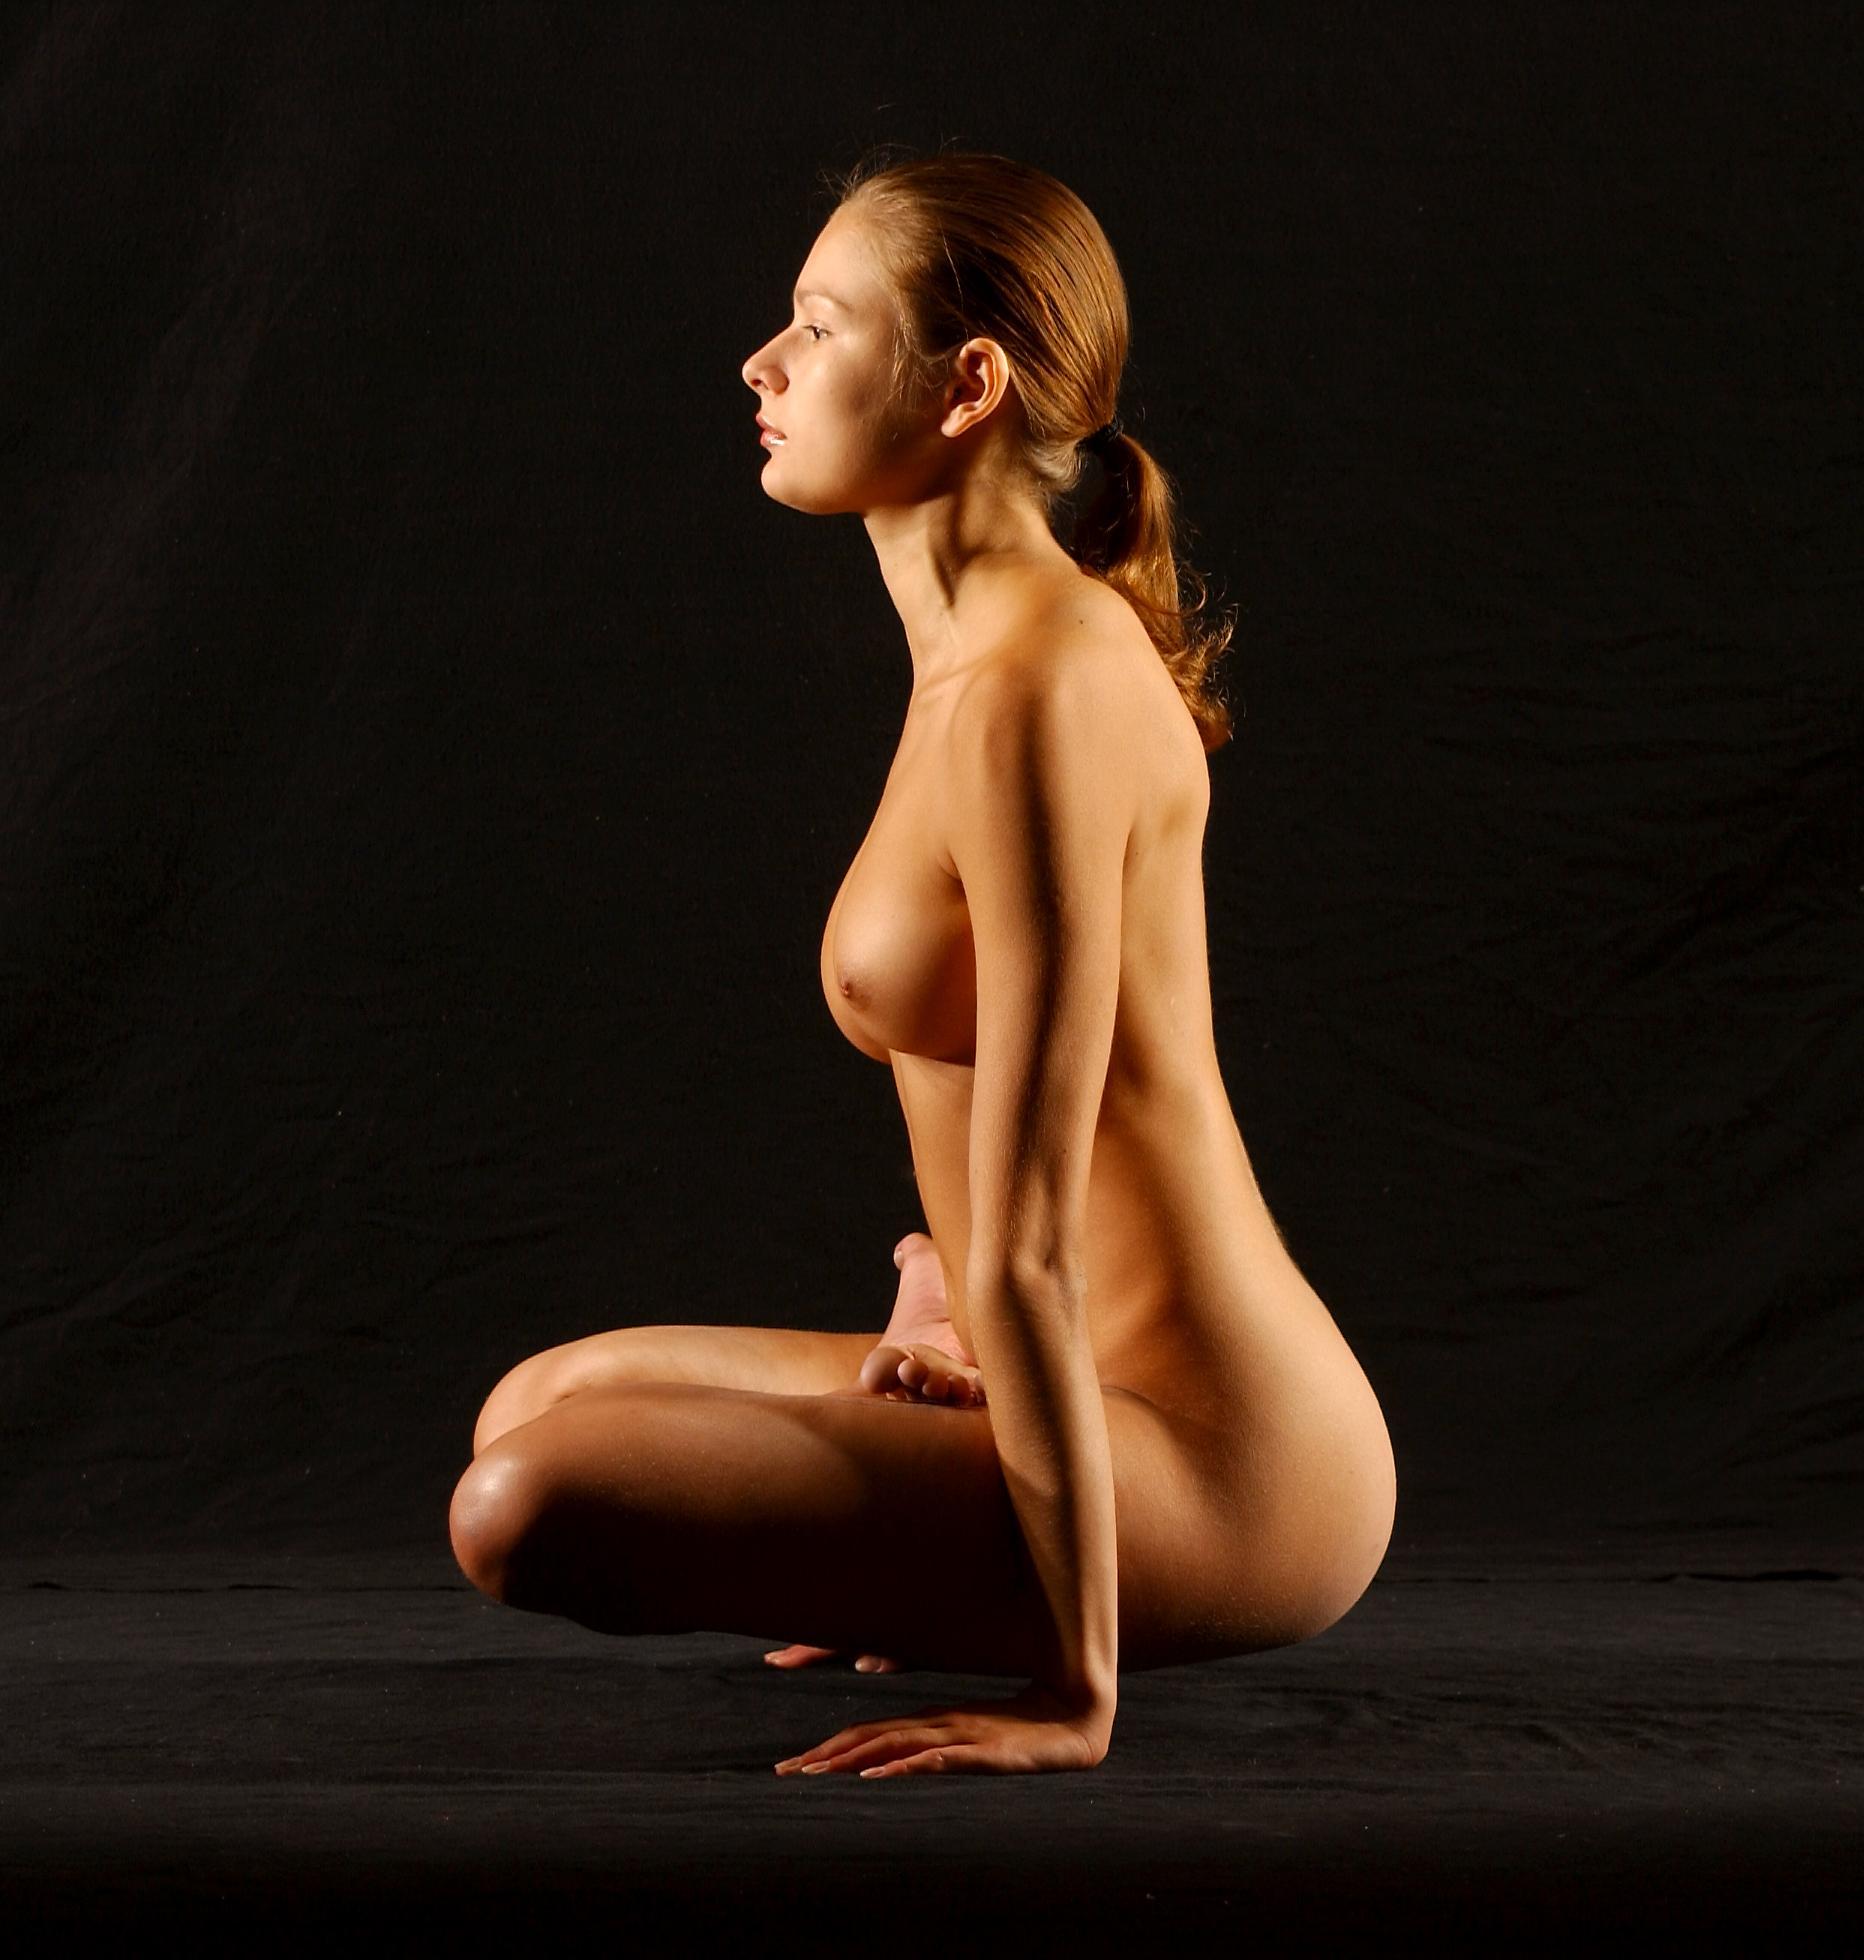 Фото эротическая йога для зрелых полных 20 фотография